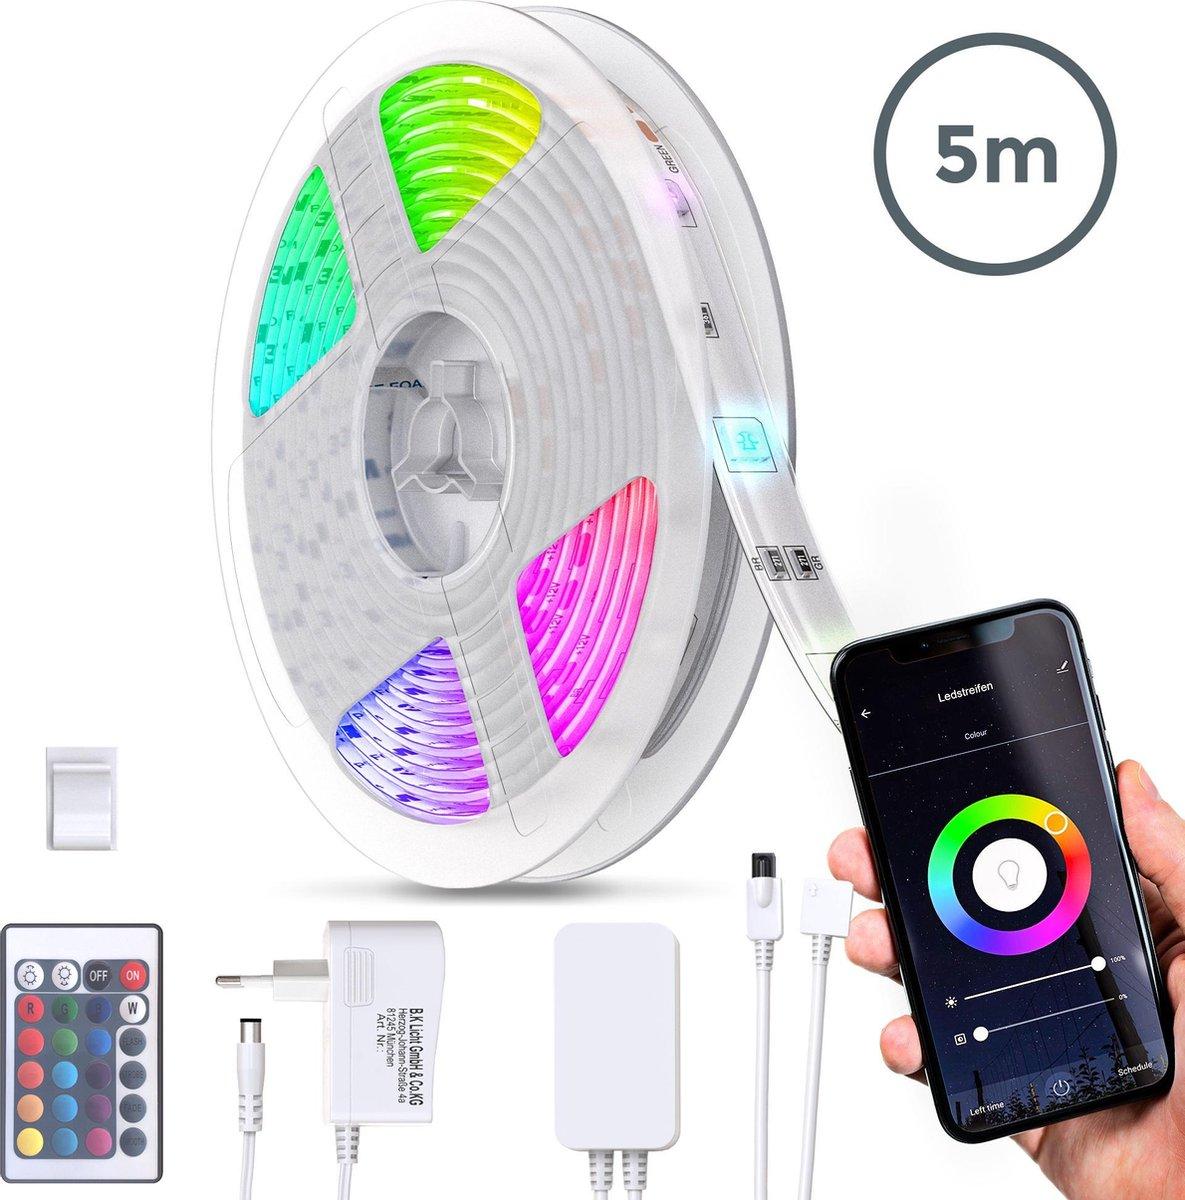 B.K.Licht - LED Strip smart - 5 meter - WiFi - App - RGB kleurverandering - incl. afstandsbediening - siliconencoating - zelfklevend